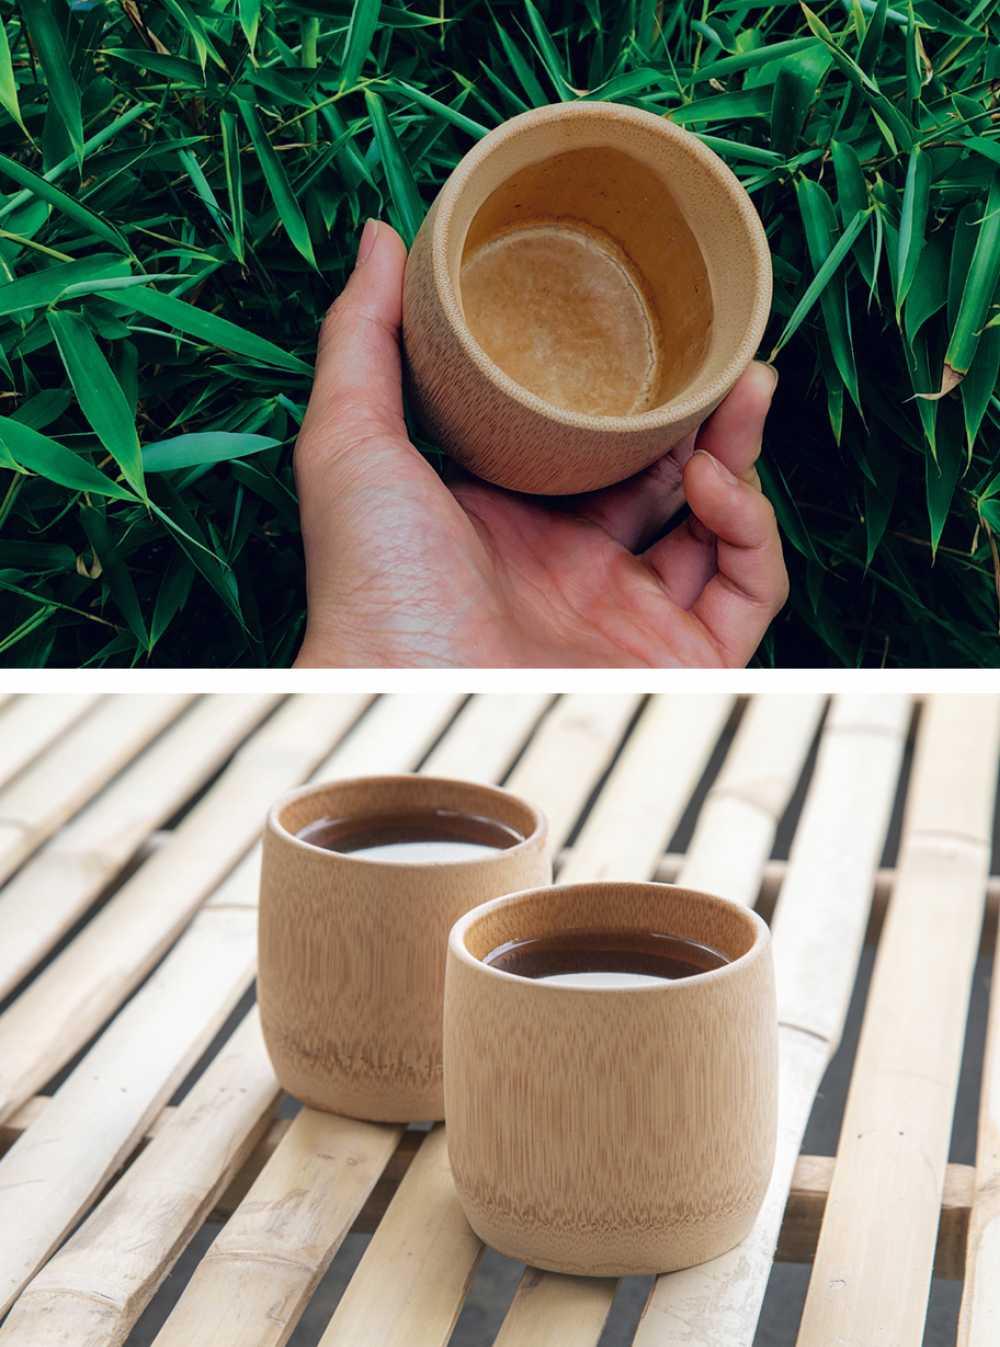 IMAGOMMAGE-SLIDE-ECO-GREEN-PERSONALIZZATO-MERCHANDISING-MUSEALE-PROMOZIONALE-RICICLATO-Bamboo cup